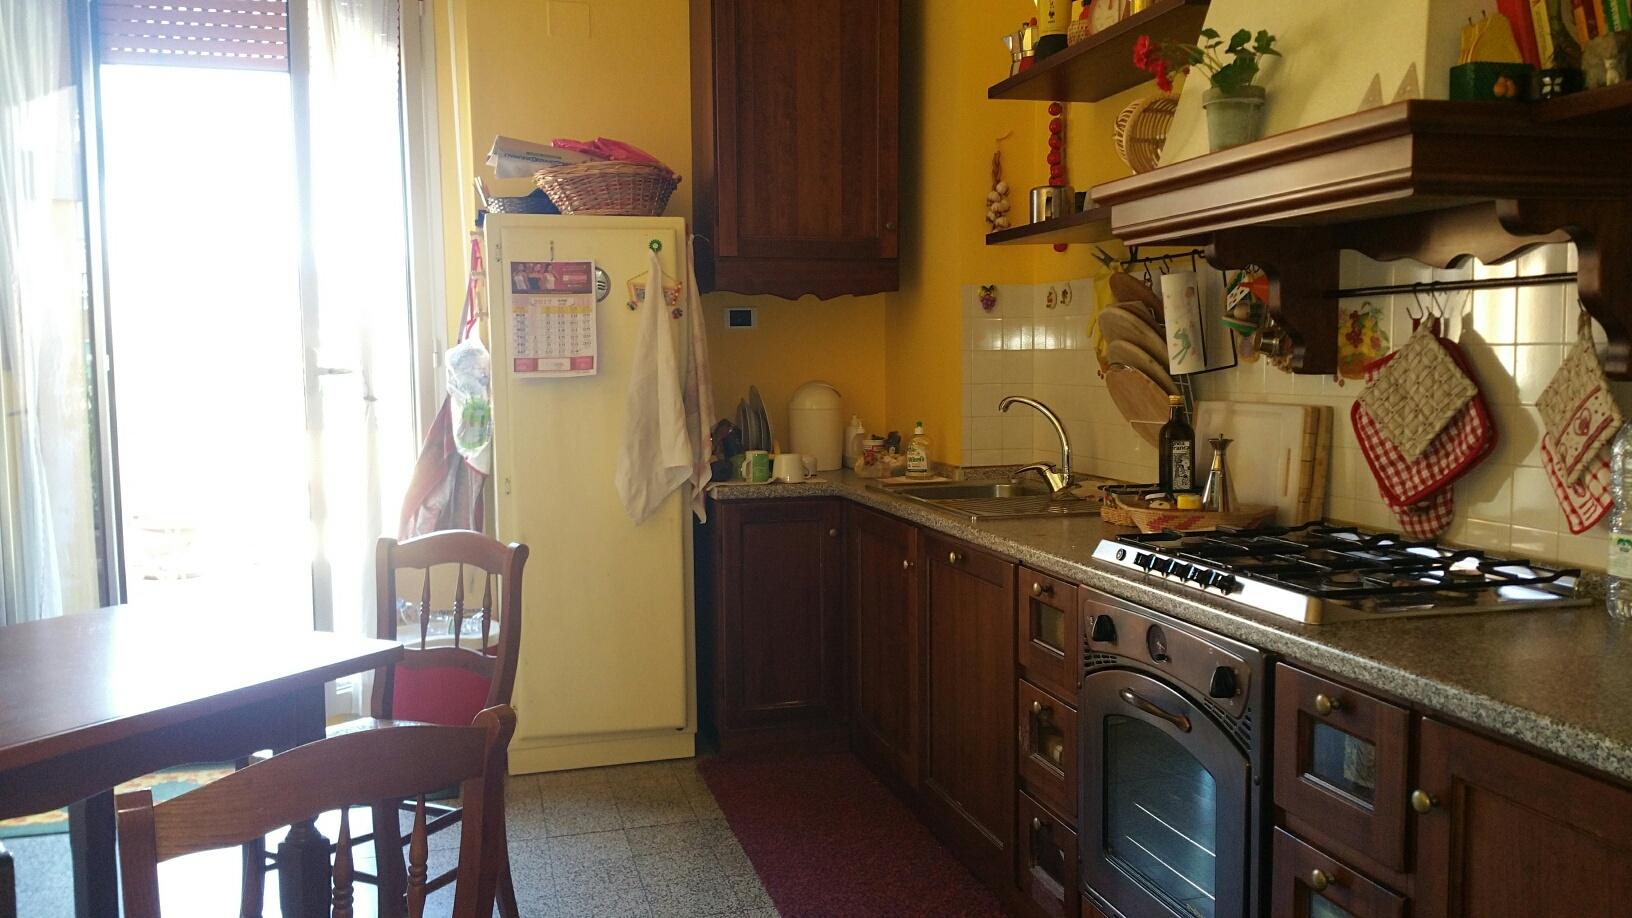 Appartamento in vendita a Ascoli Piceno, 3 locali, zona Località: CampoParignano, prezzo € 195.000 | CambioCasa.it